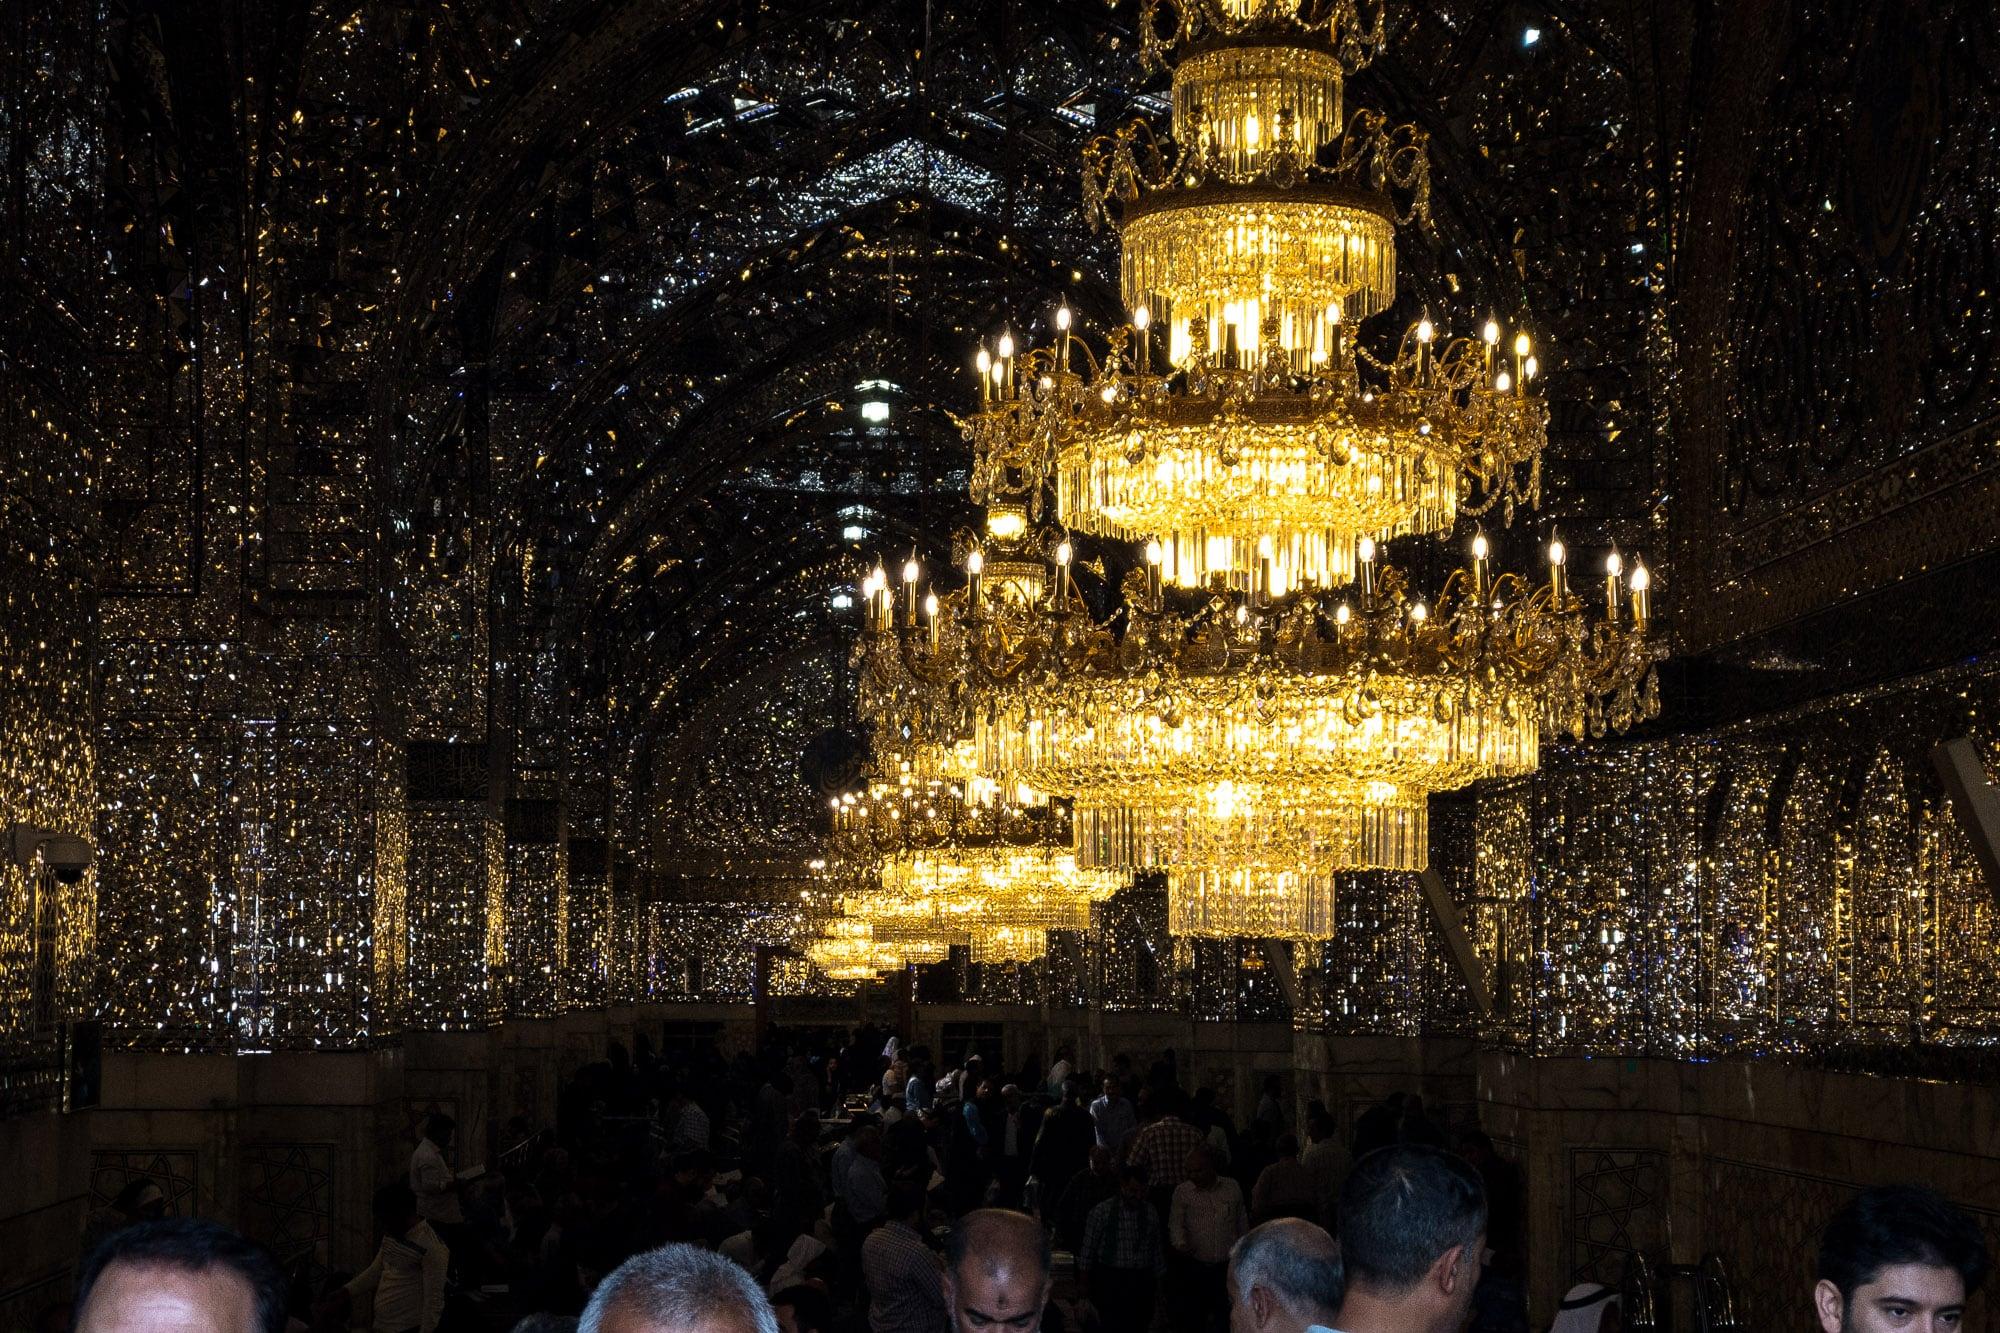 lights in the shrine of Imam Reza